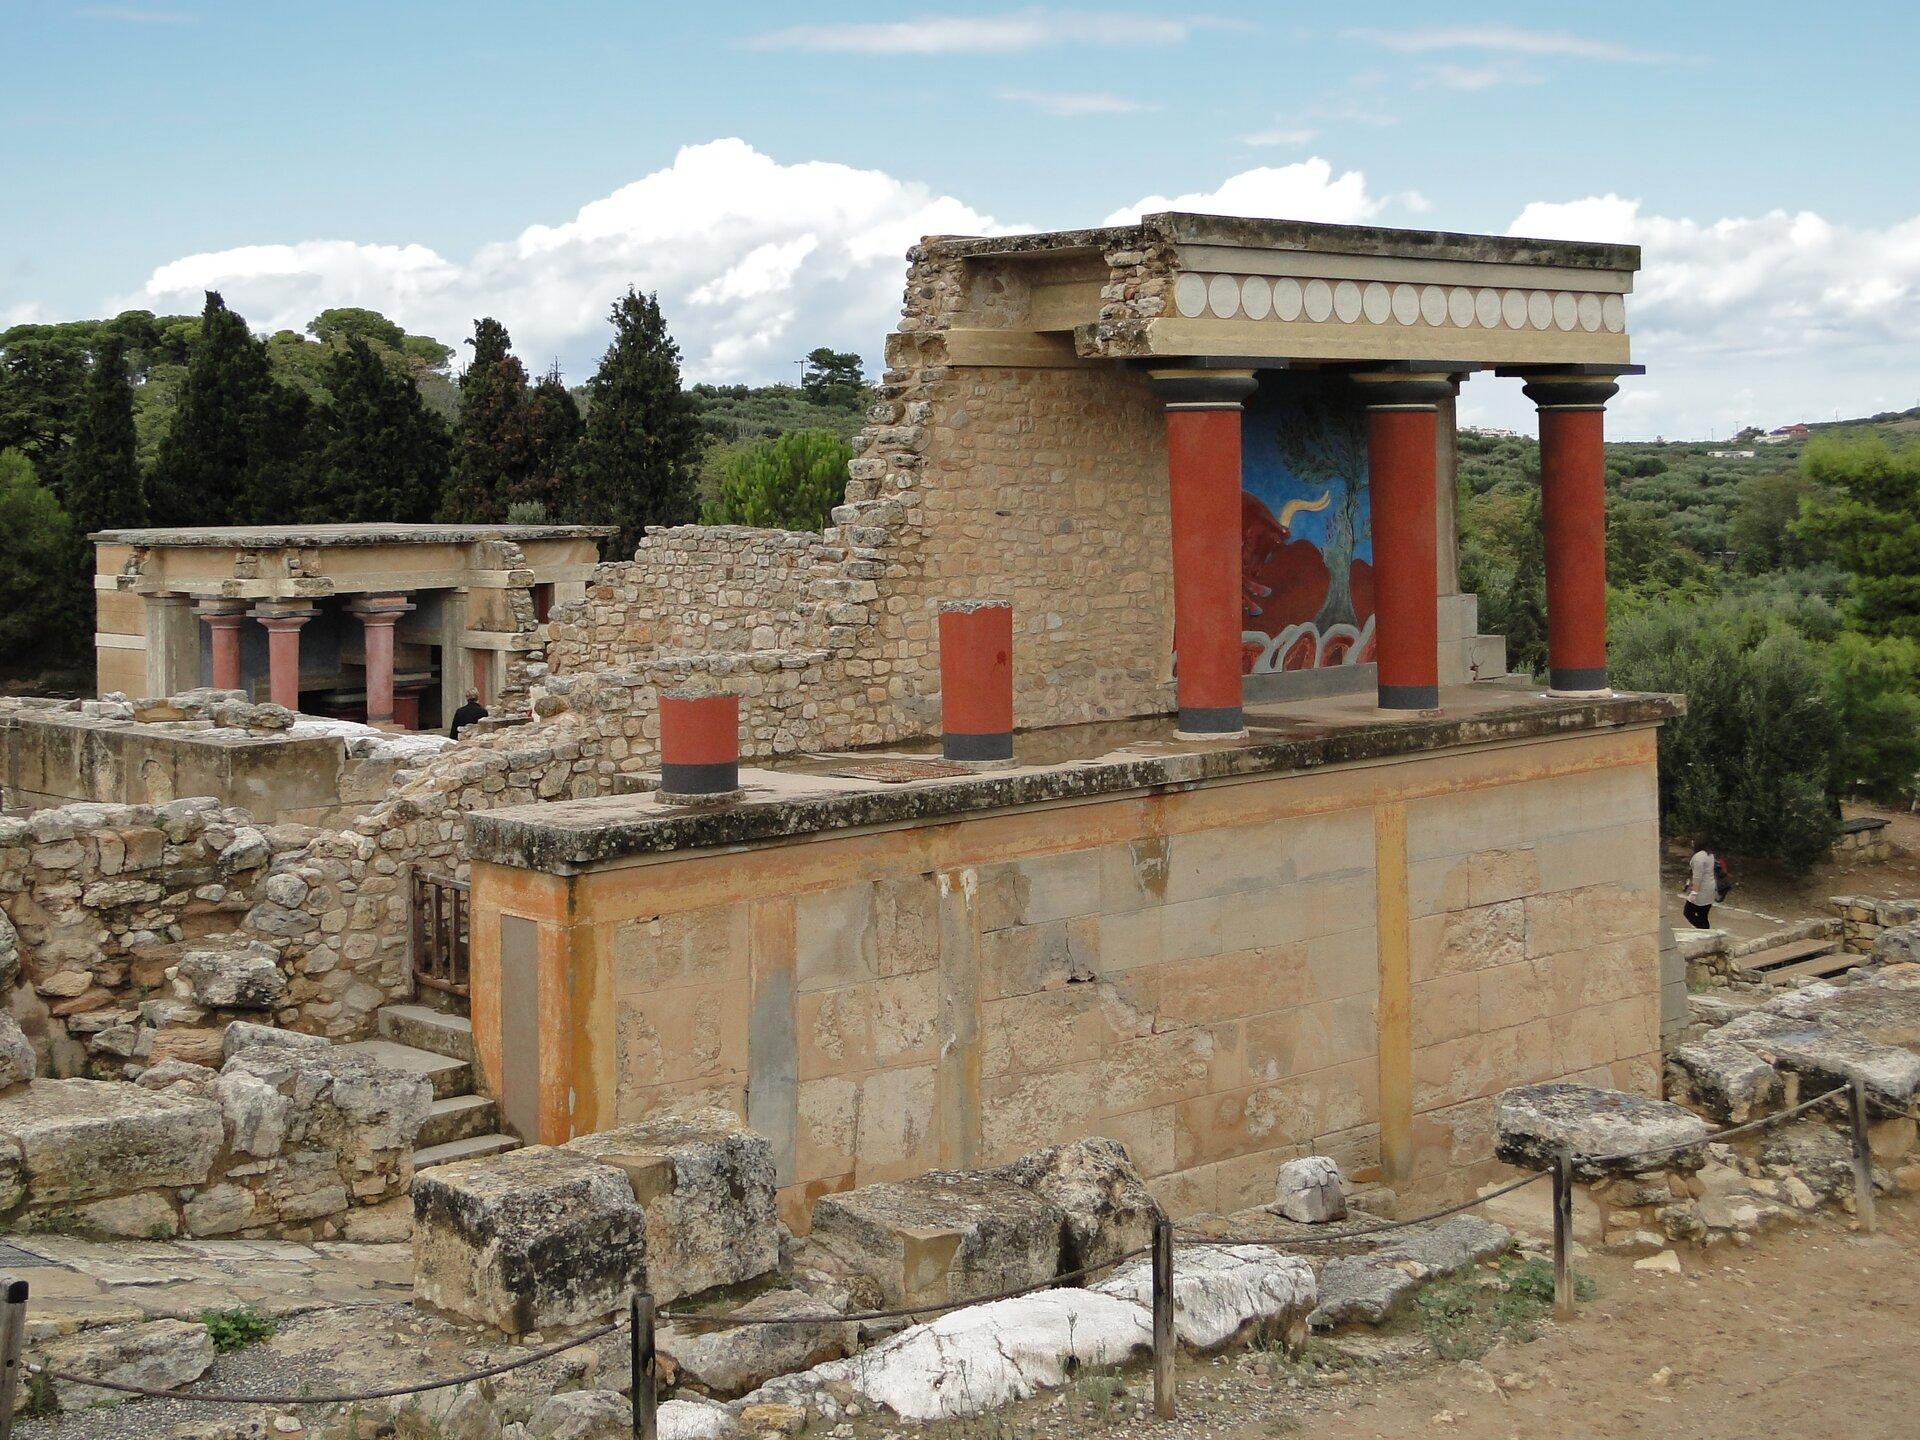 Ruiny pałacu wKnossos, nazywanego pałacem Minosa lub labiryntem kreteńskim Ruiny pałacu wKnossos, nazywanego pałacem Minosa lub labiryntem kreteńskim Źródło: Bernard Gagnon, fotografia barwna, licencja: CC BY-SA 3.0.